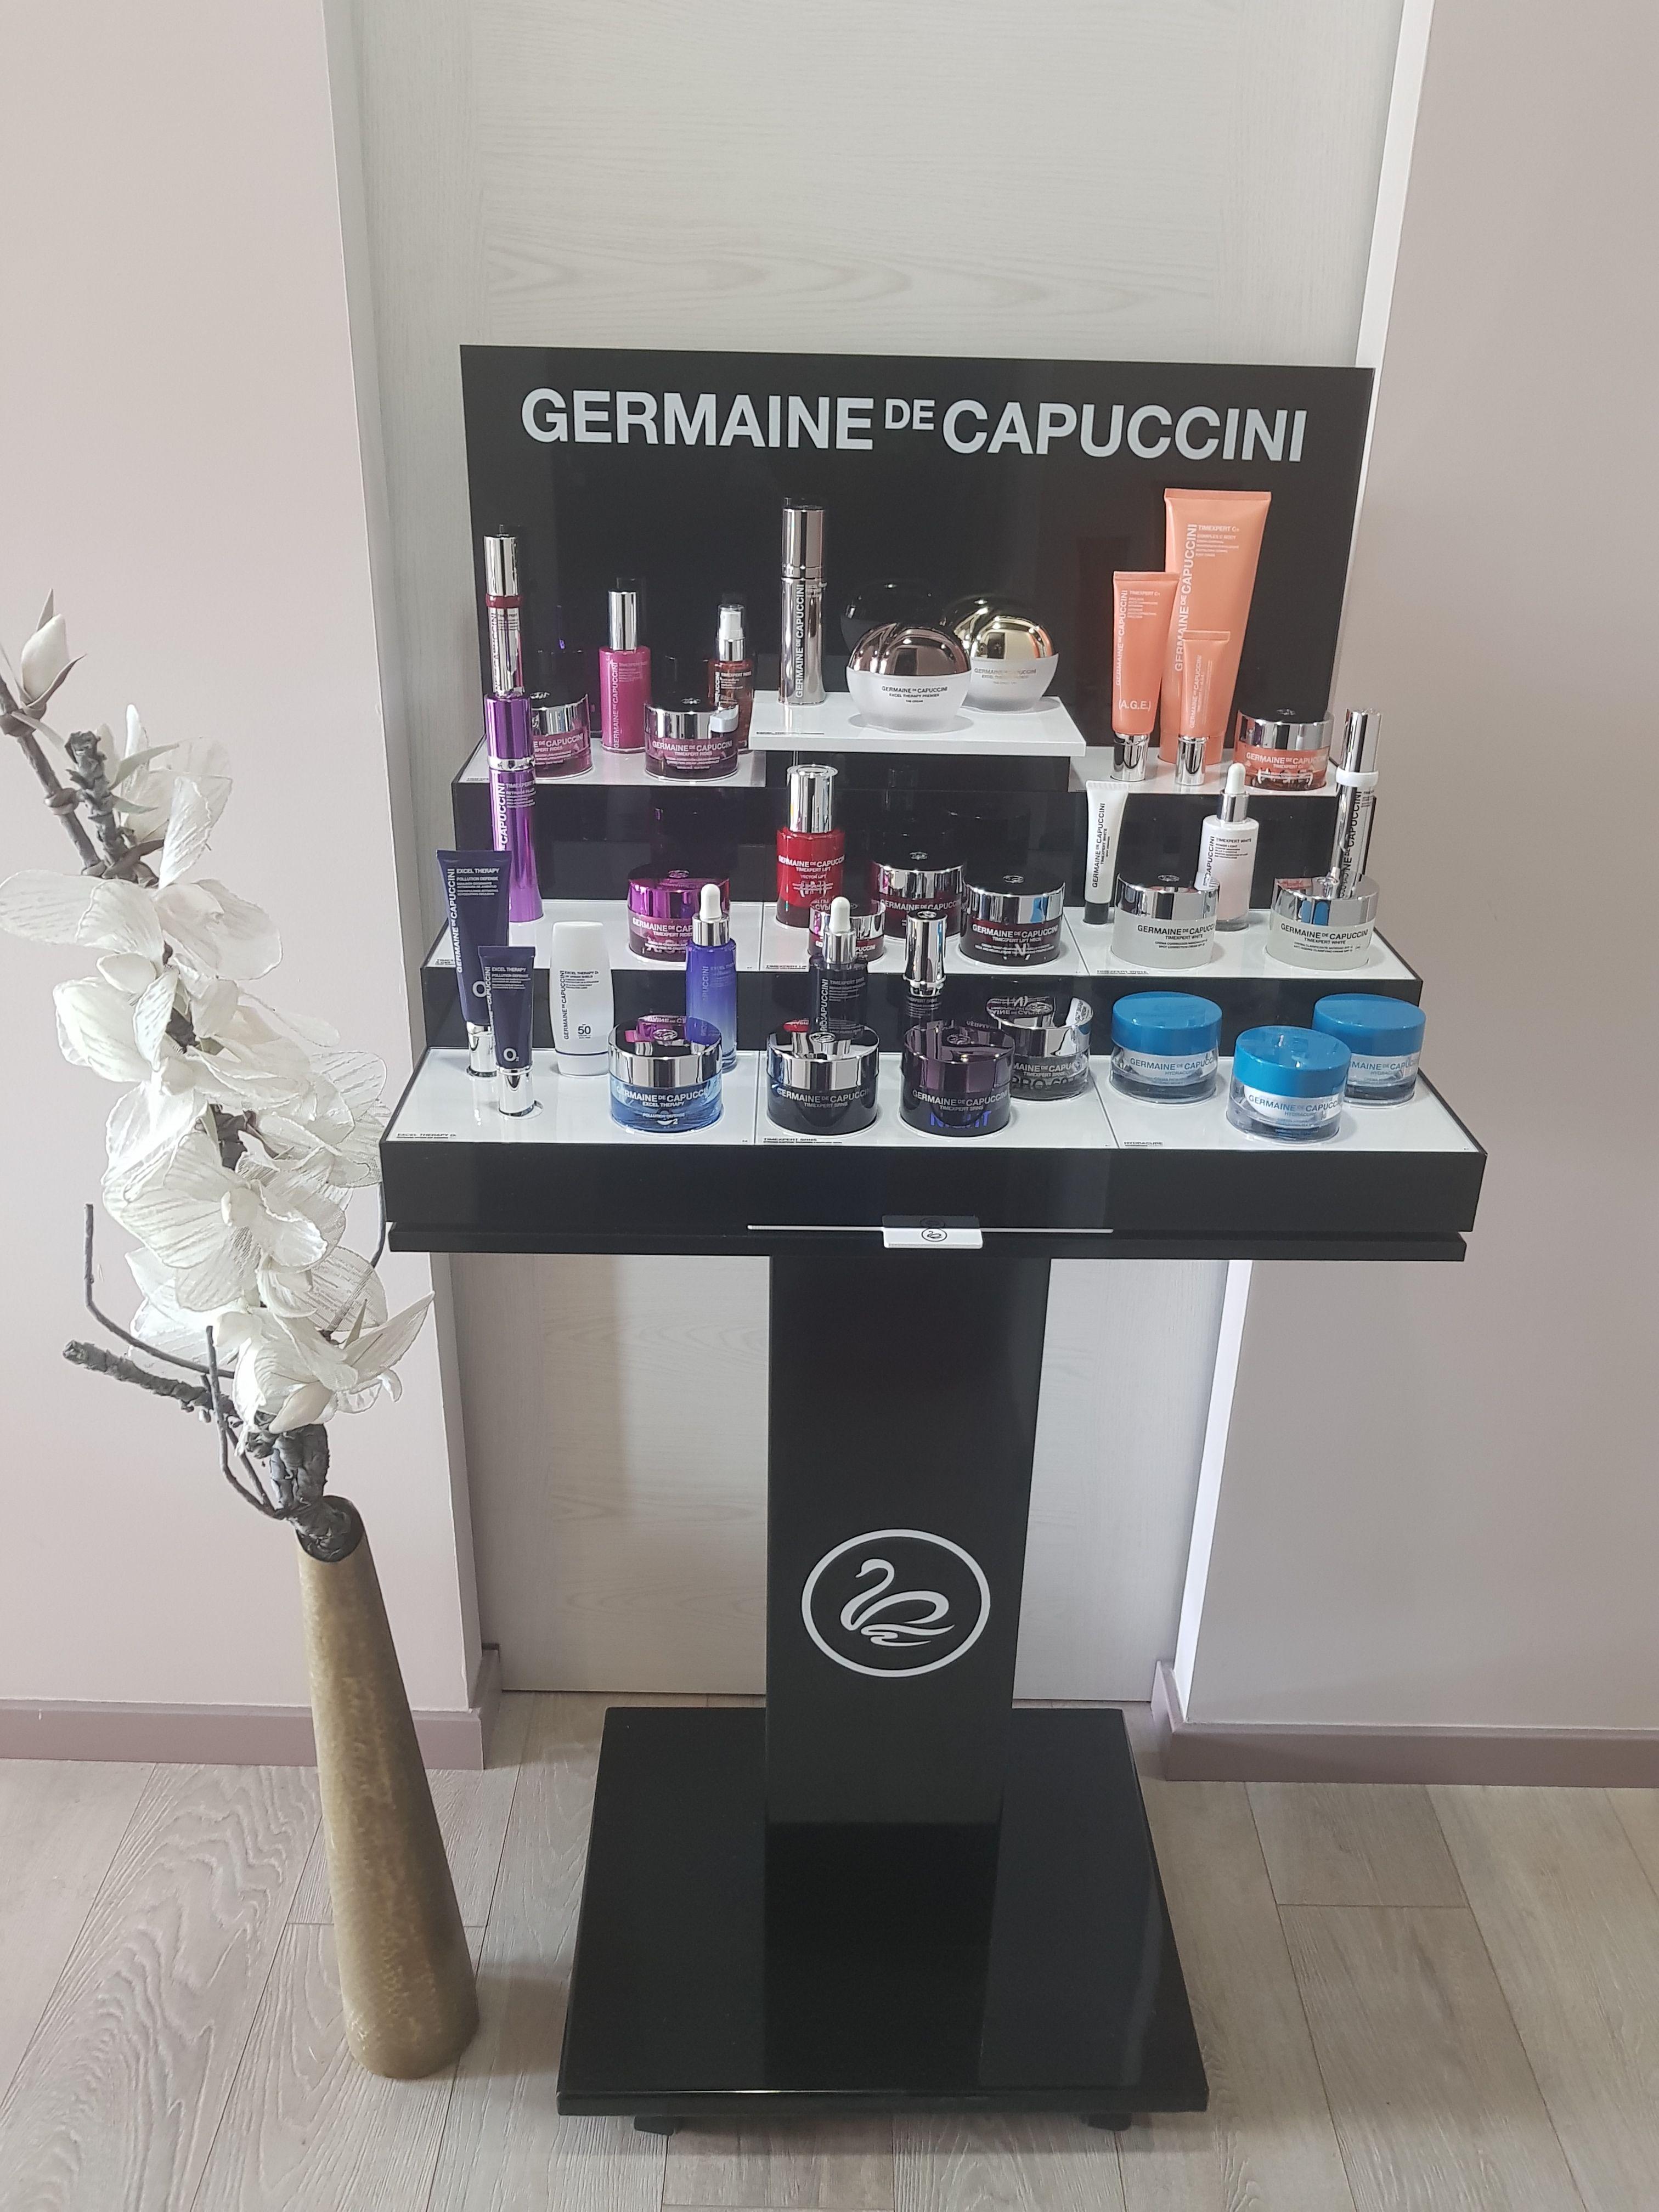 Tratamientos con la marca Germaine de Capuccini